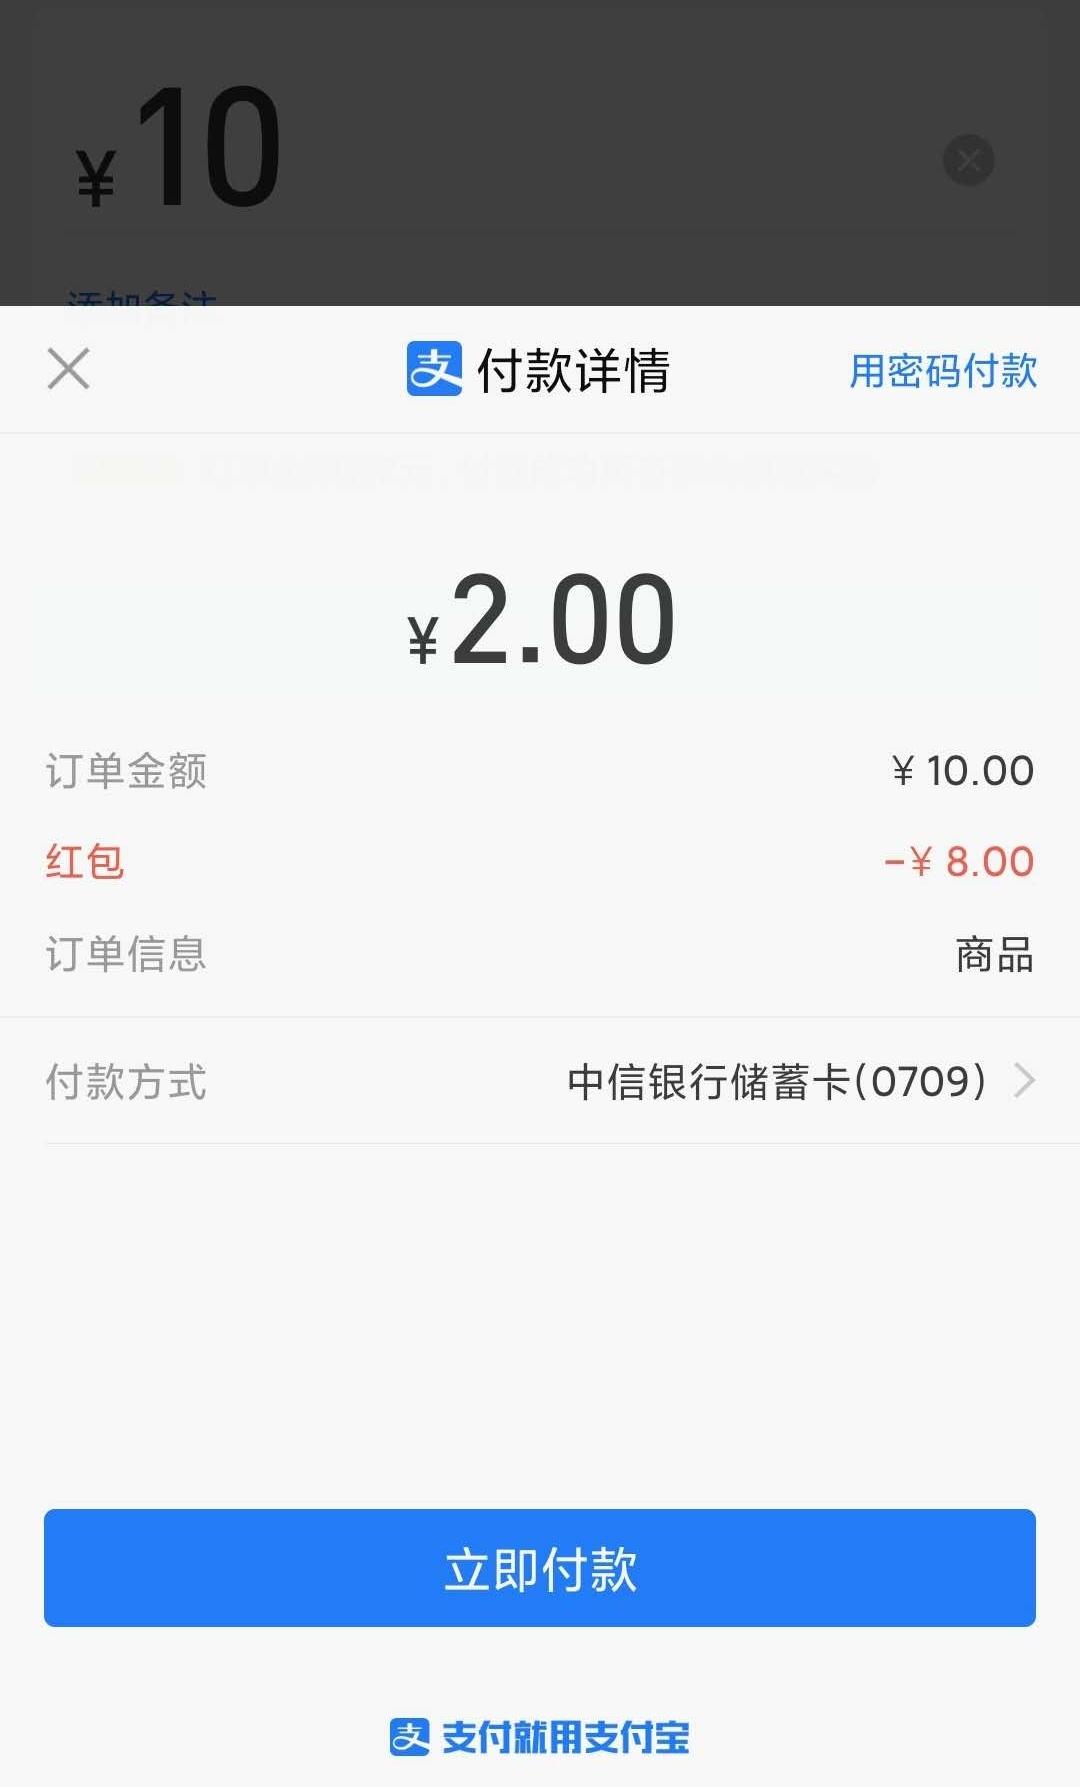 中信银行:开通账户免费赚25.6元怎么做?  第5张